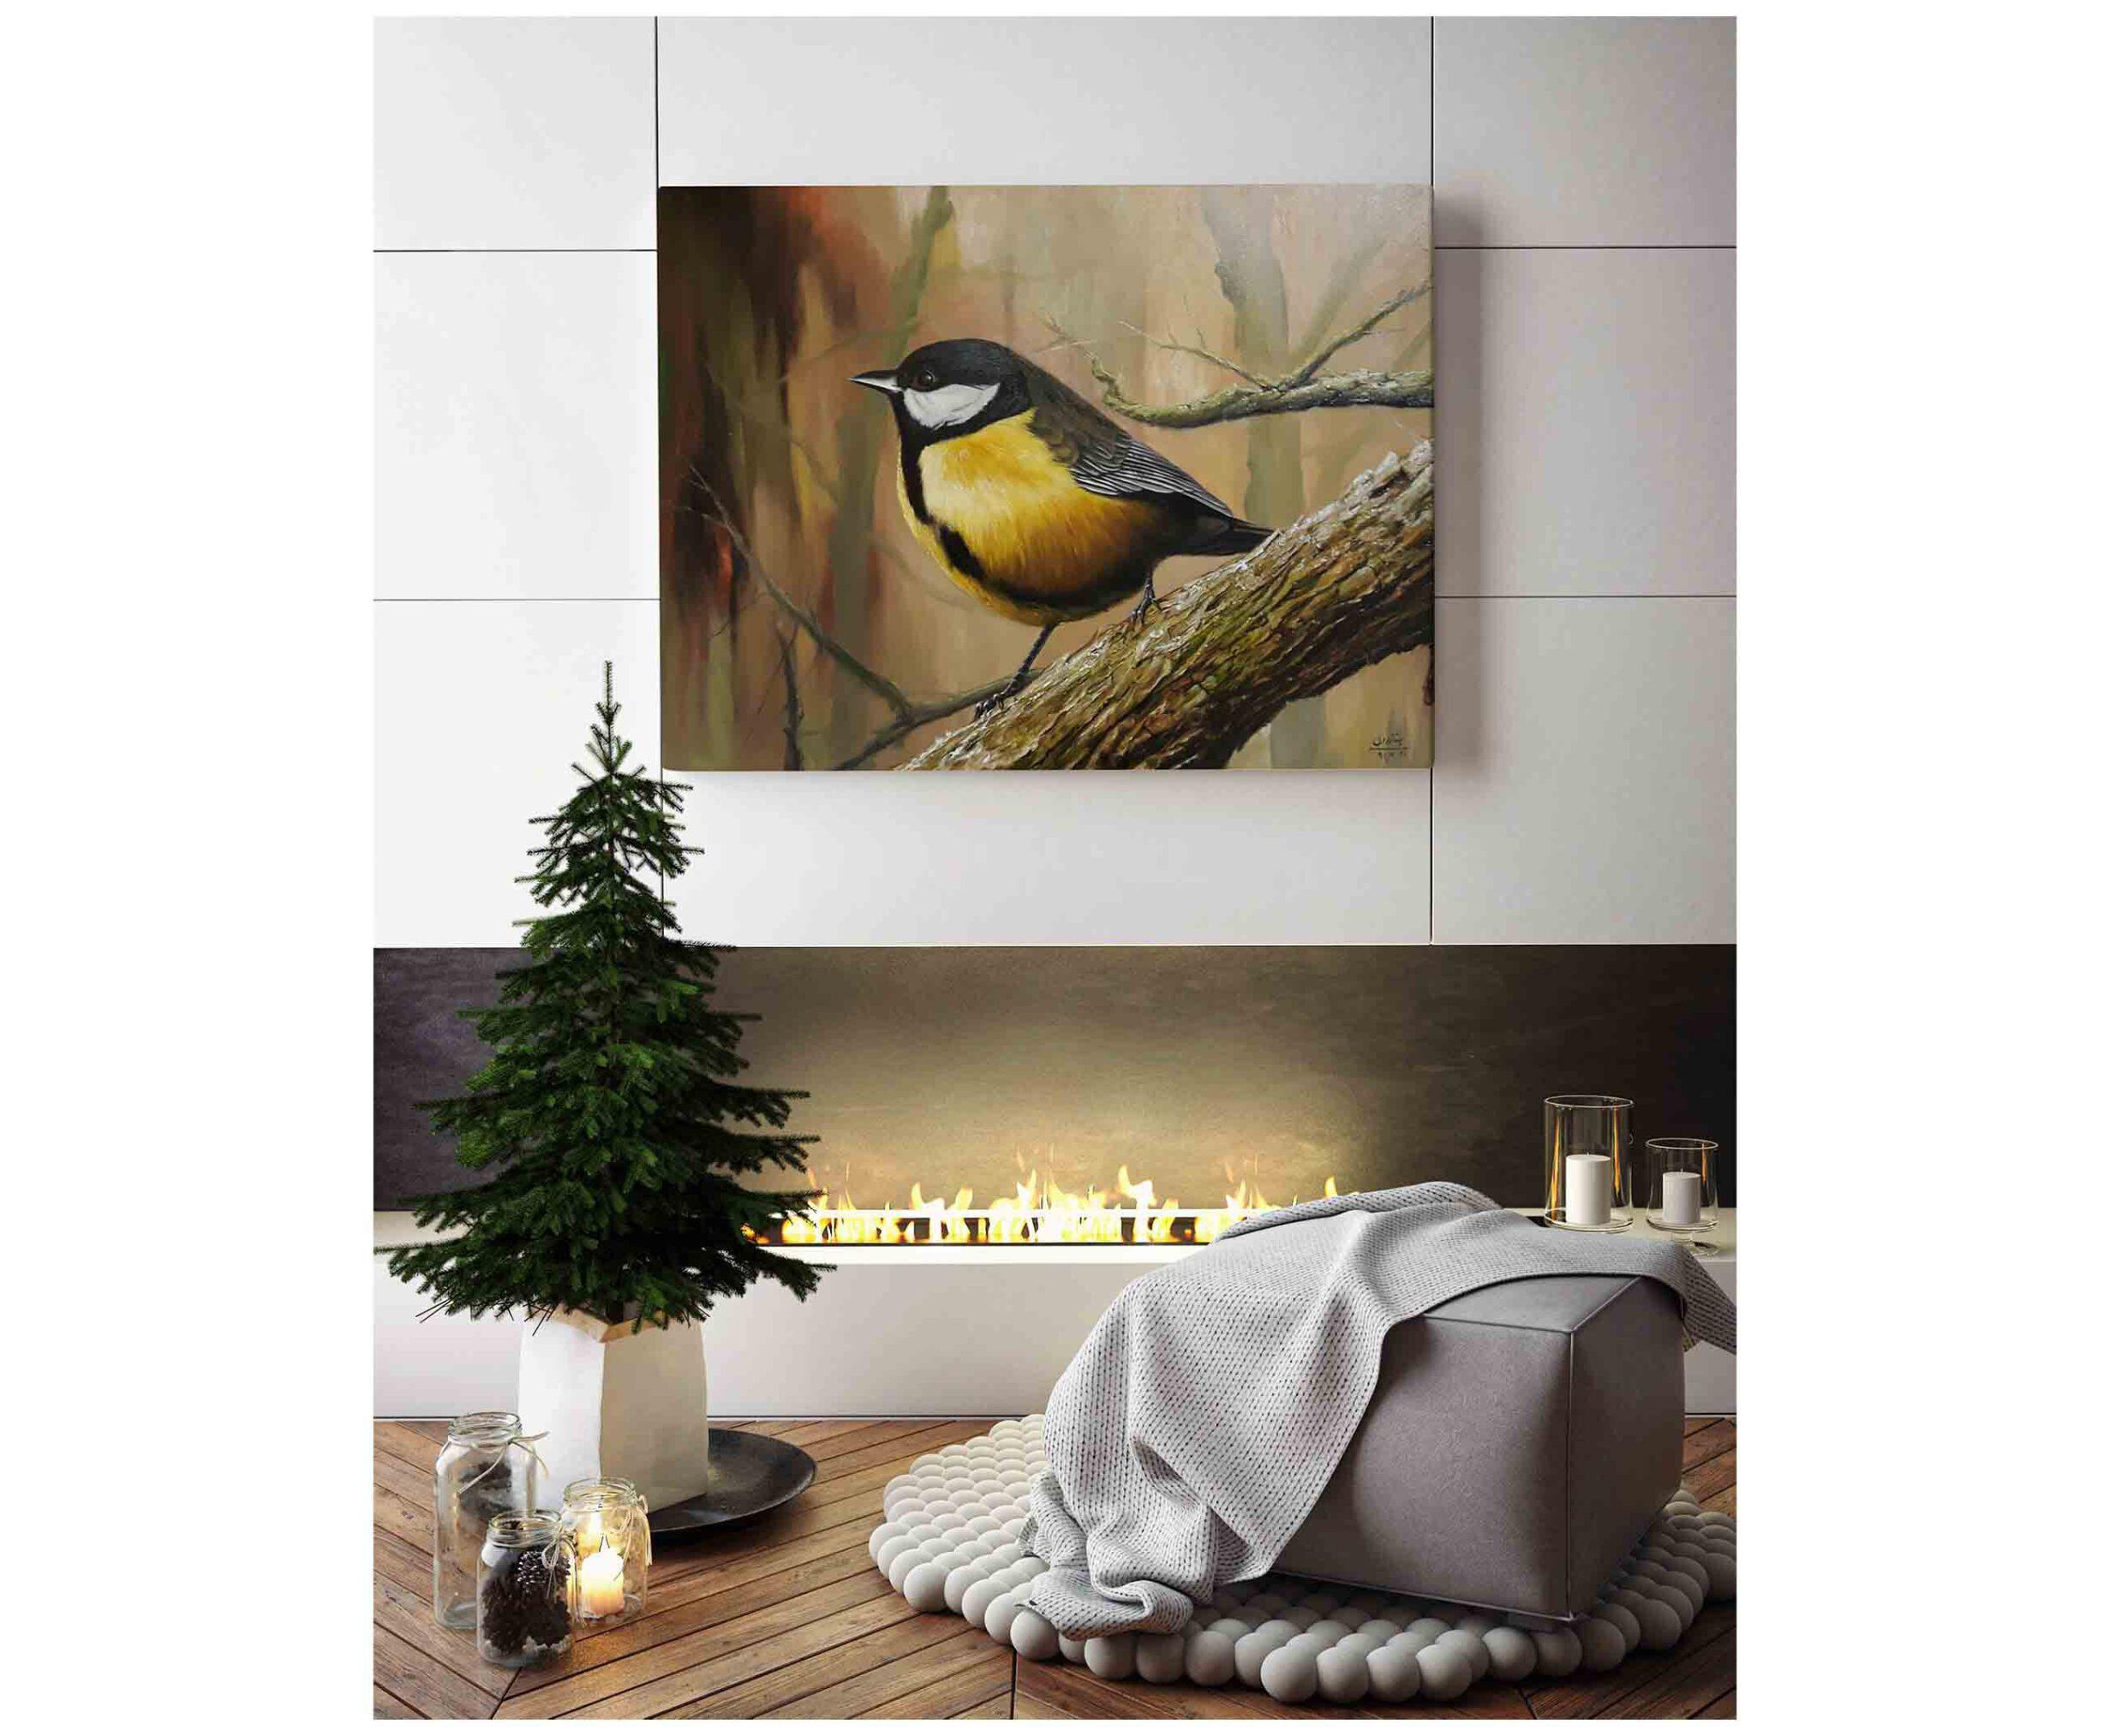 تابلو نقاشی پرنده سبک رئالیسم، با تکنیک رنگ روغن، تابلو نقاشی کادویی و تابلو نقاشی دکوری